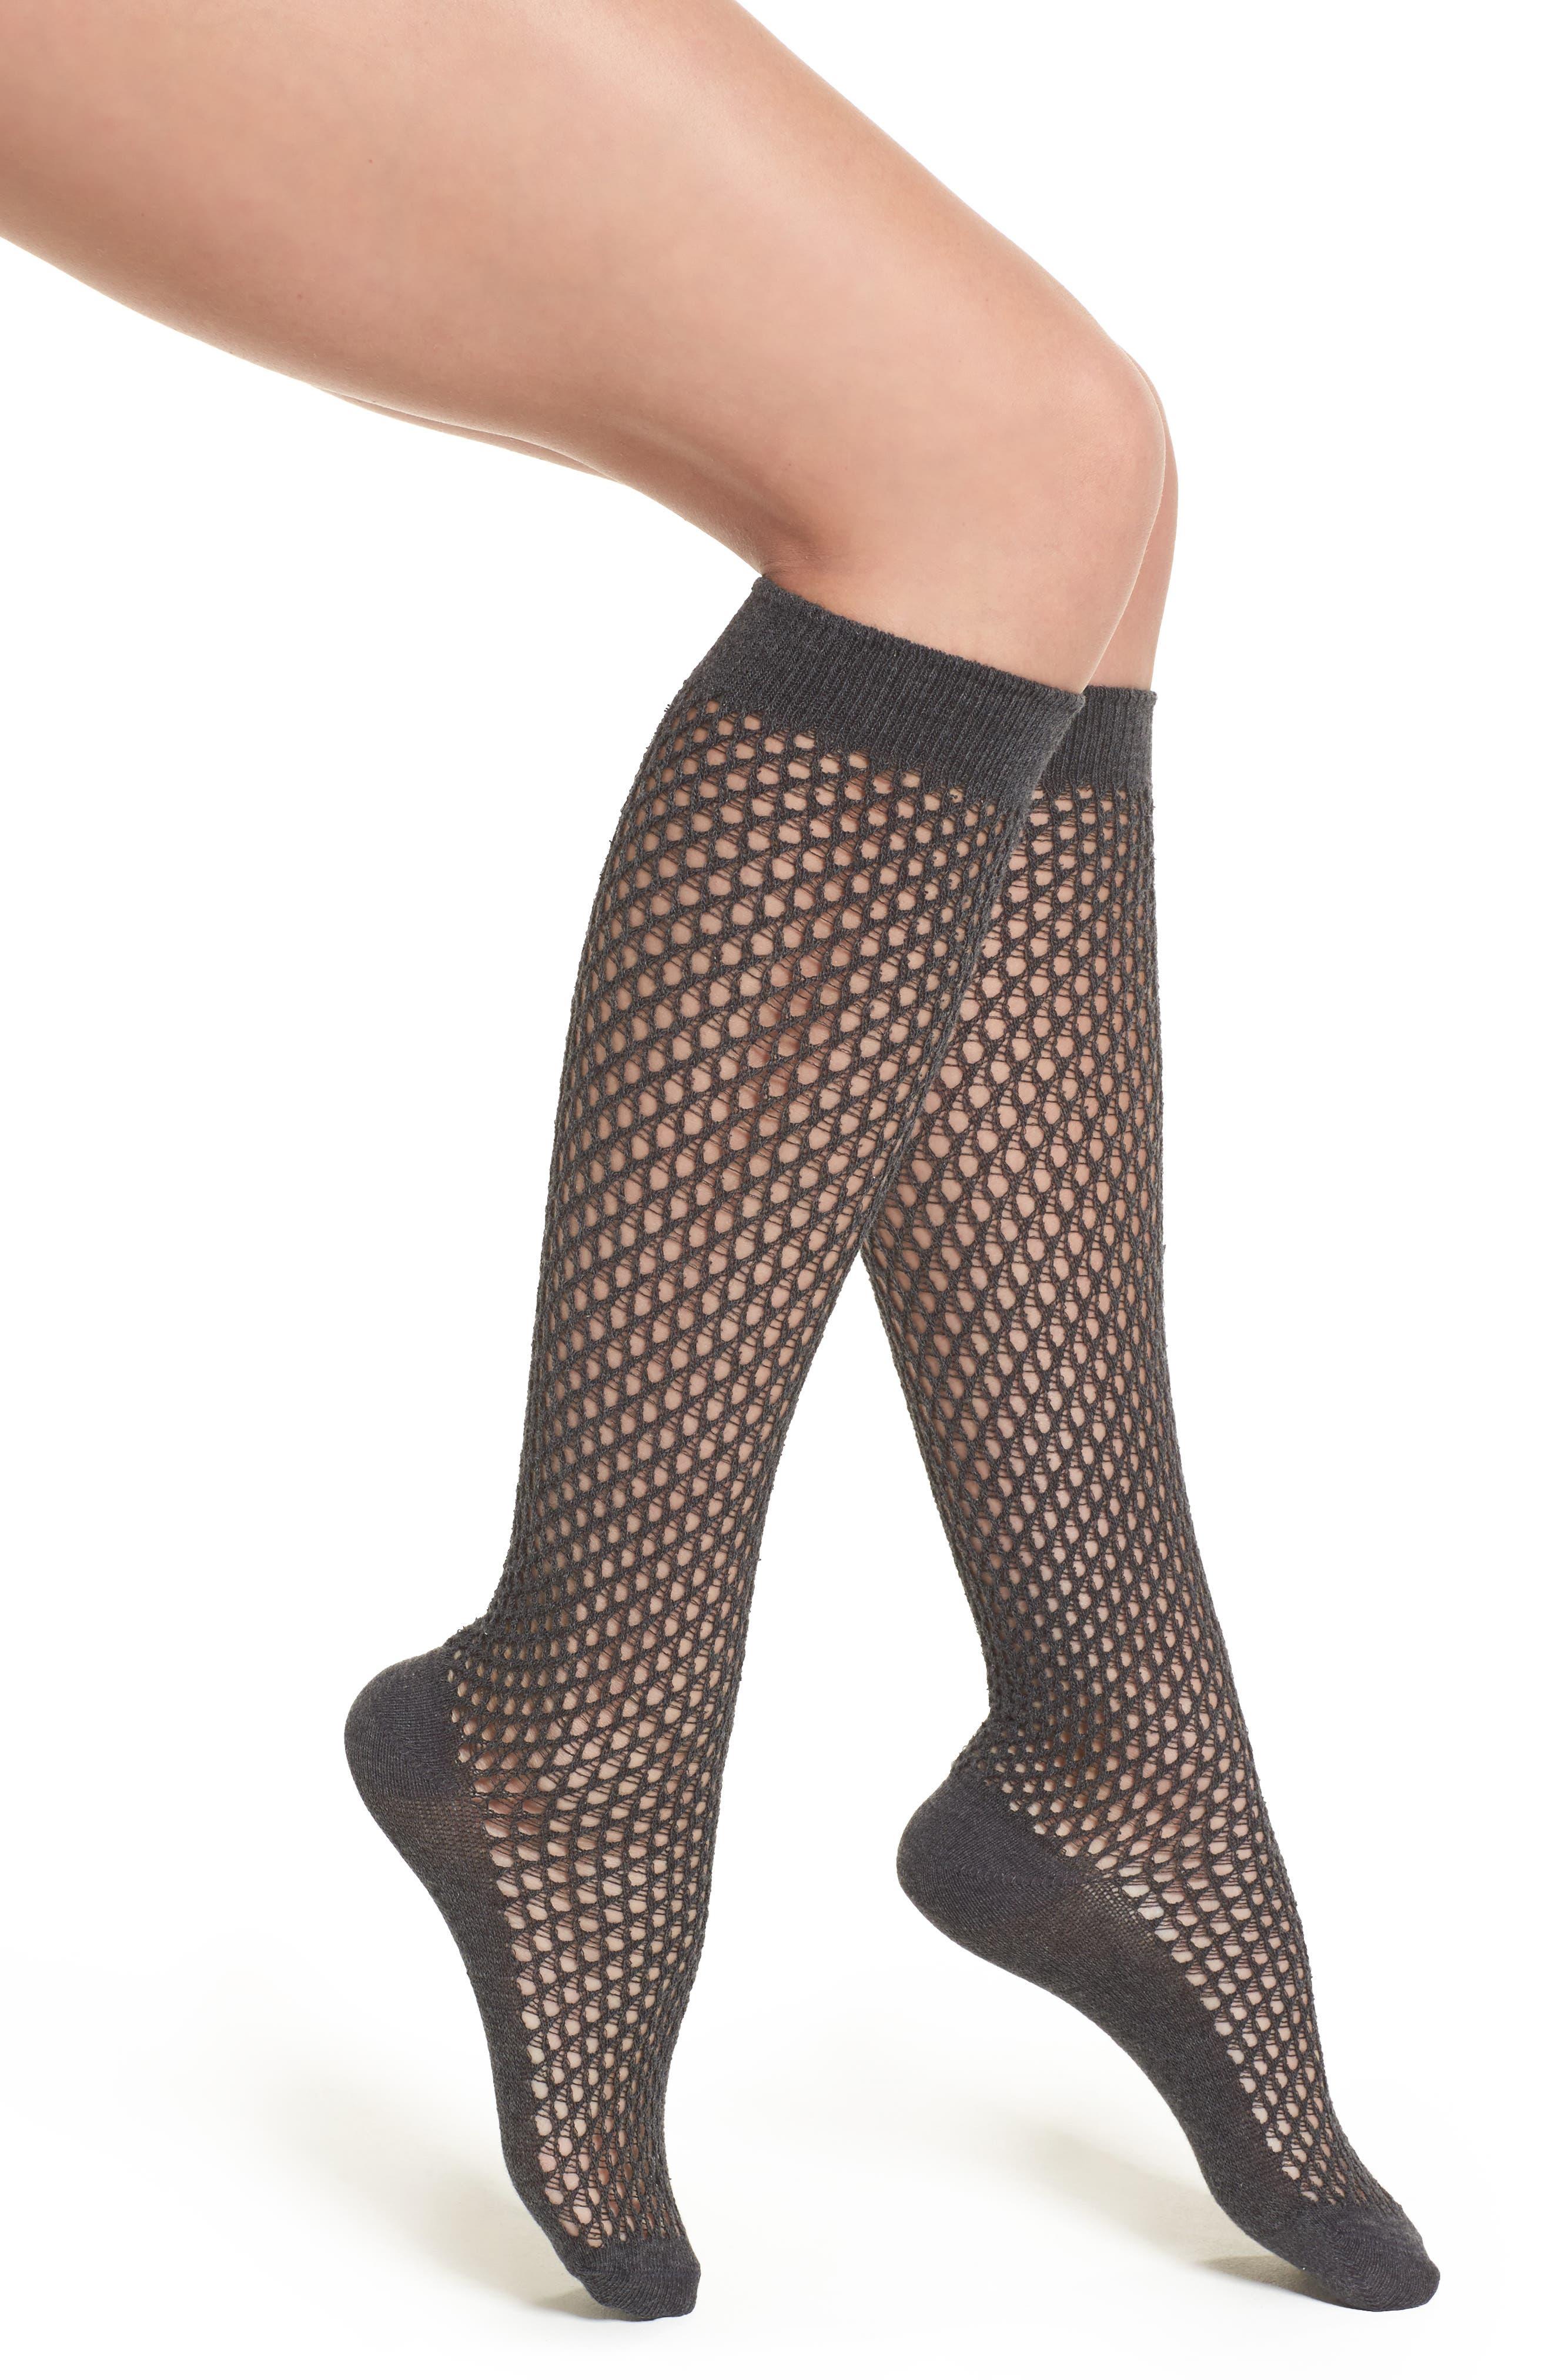 Gabmaletto Fishnet Knee High Socks,                         Main,                         color, Grey Melange